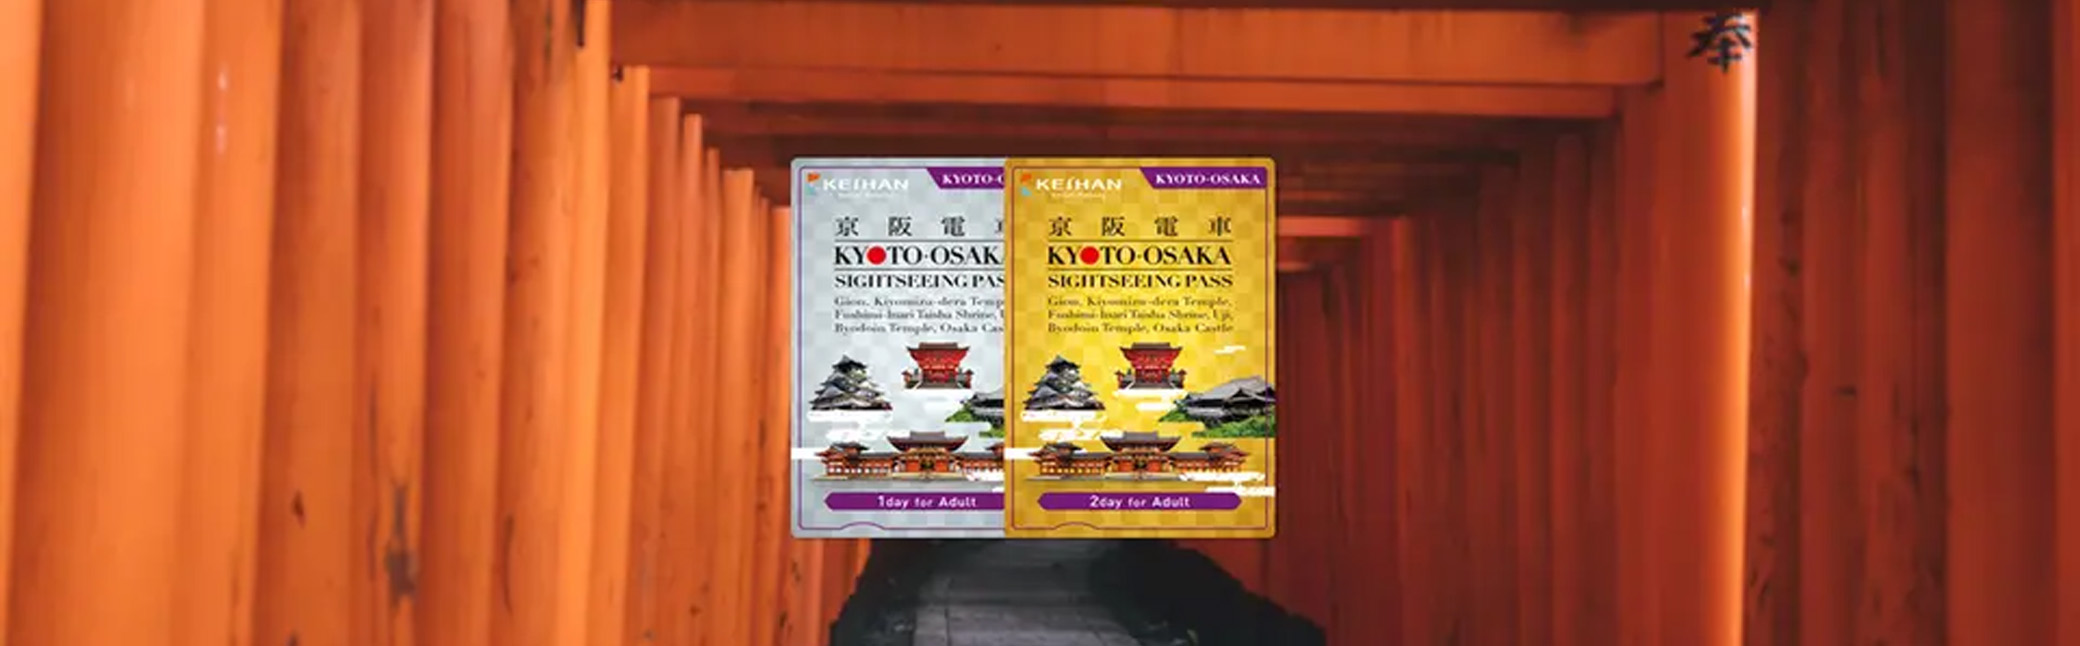 บัตร Kyoto-Osaka Sightseeing Pass 1 วัน/2 วัน (รับที่โอซาก้า)